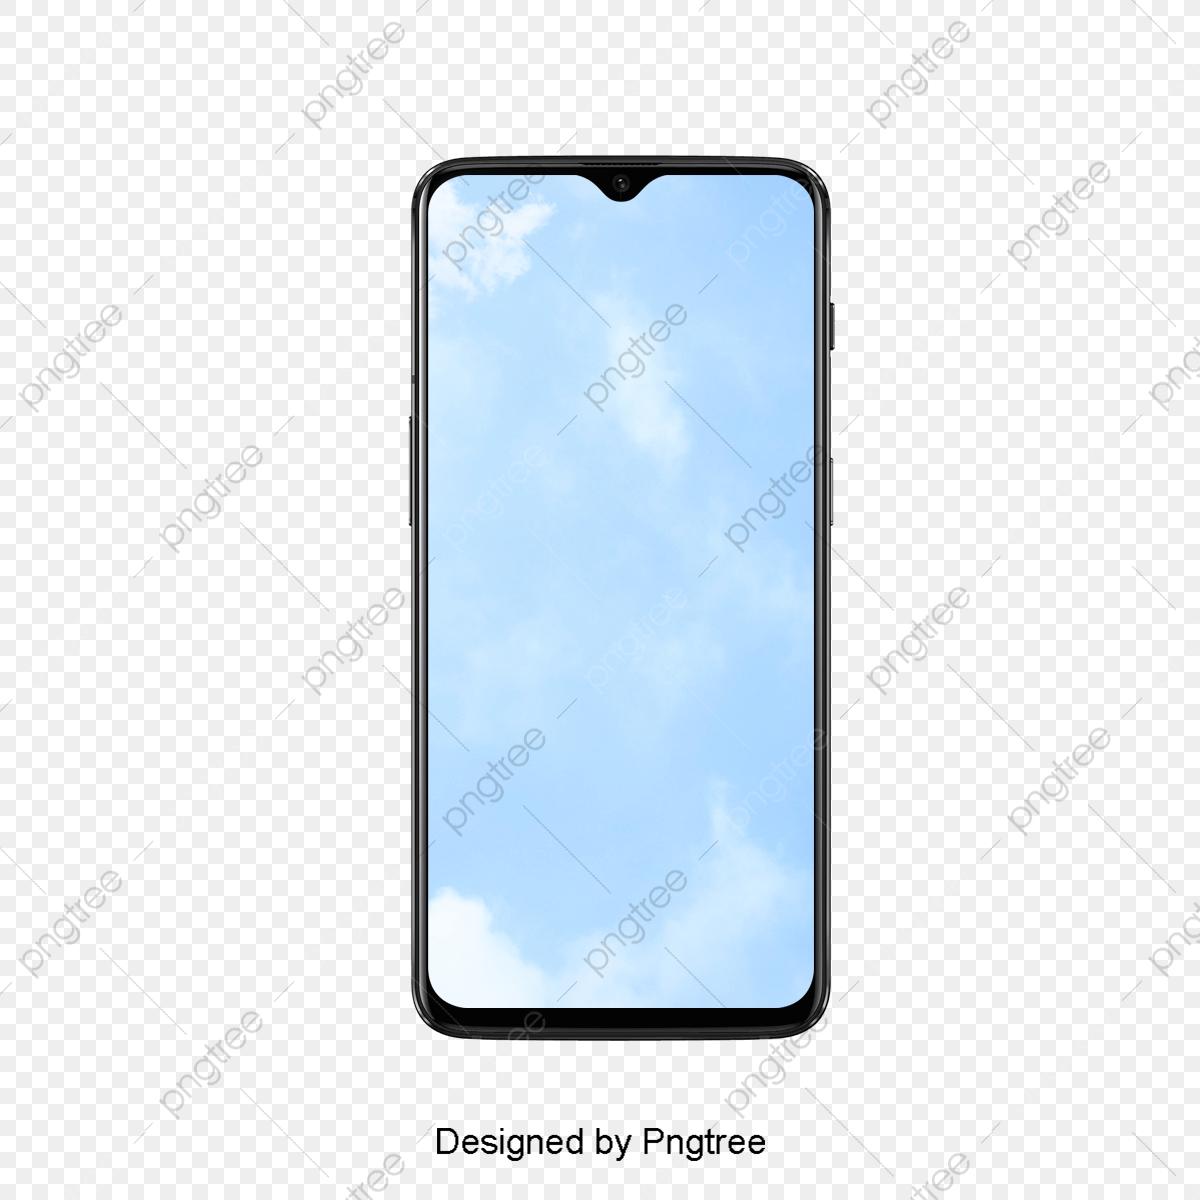 Iphone x original. Iphonex mockup iponex png